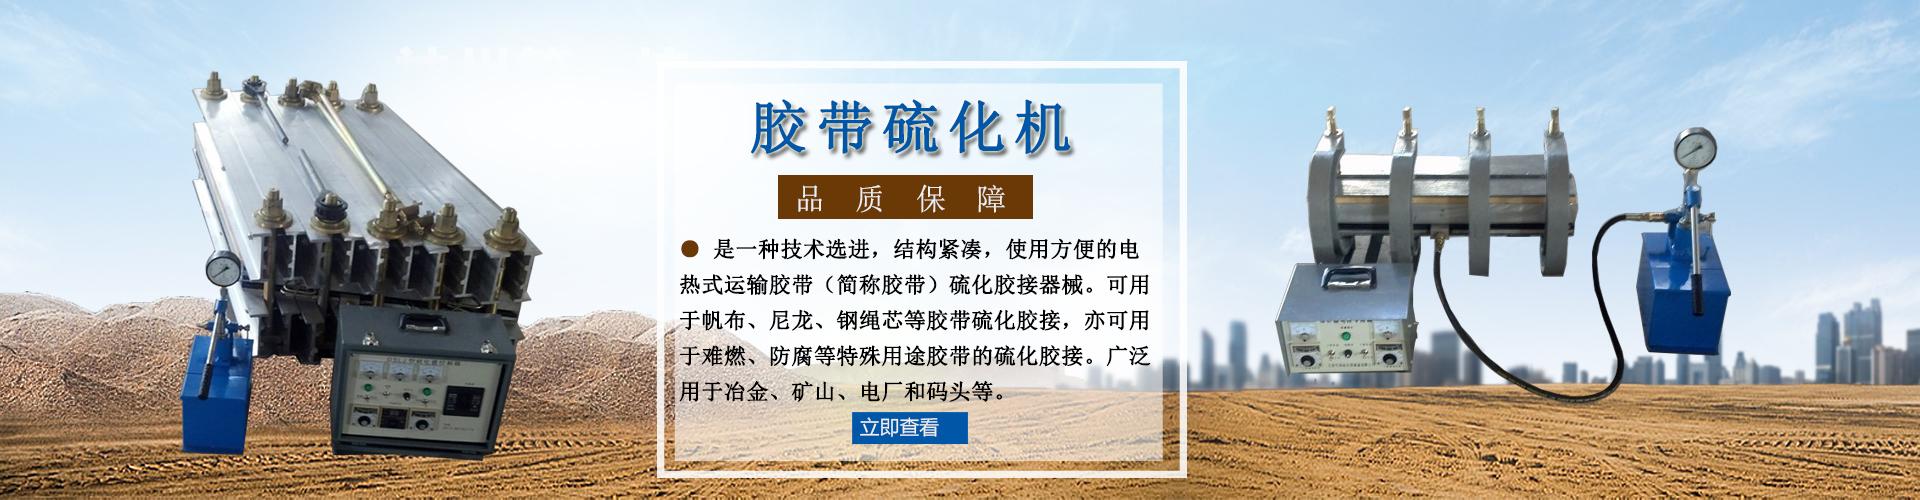 济宁骏威工矿设备有限公司